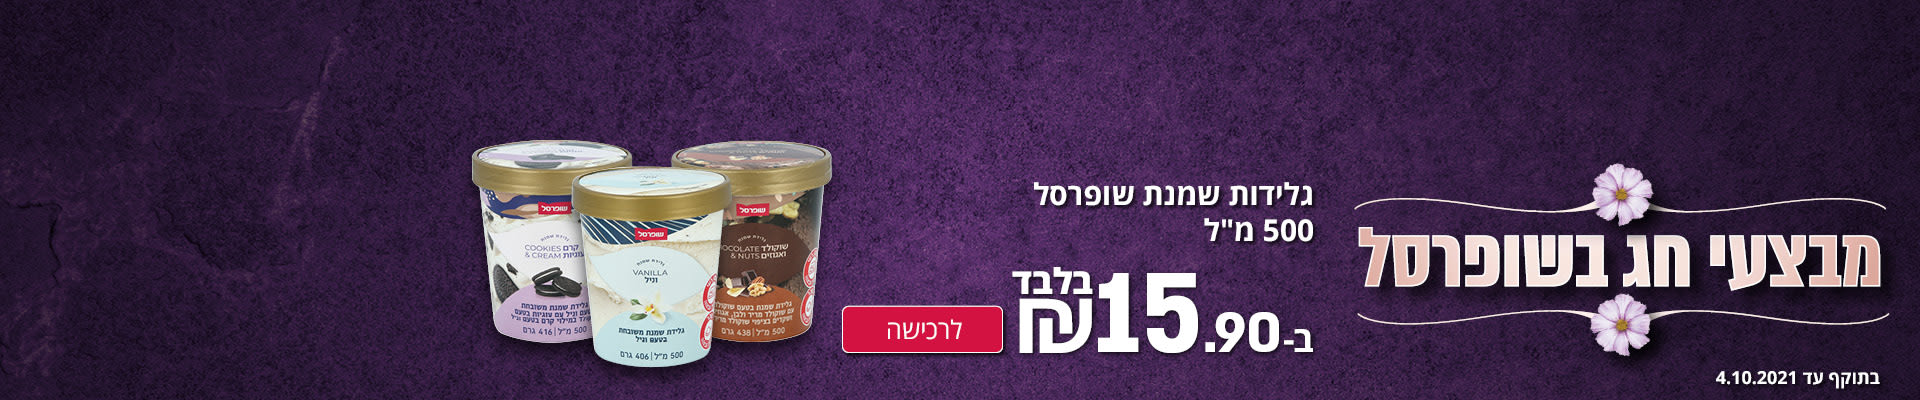 """מבצעי חג בשופרסל גלידות שמנת שופרסל 500 מ""""ל ב-15.90 ₪ בלבד. לרכישה בתוקף עד ה-4.10.21"""